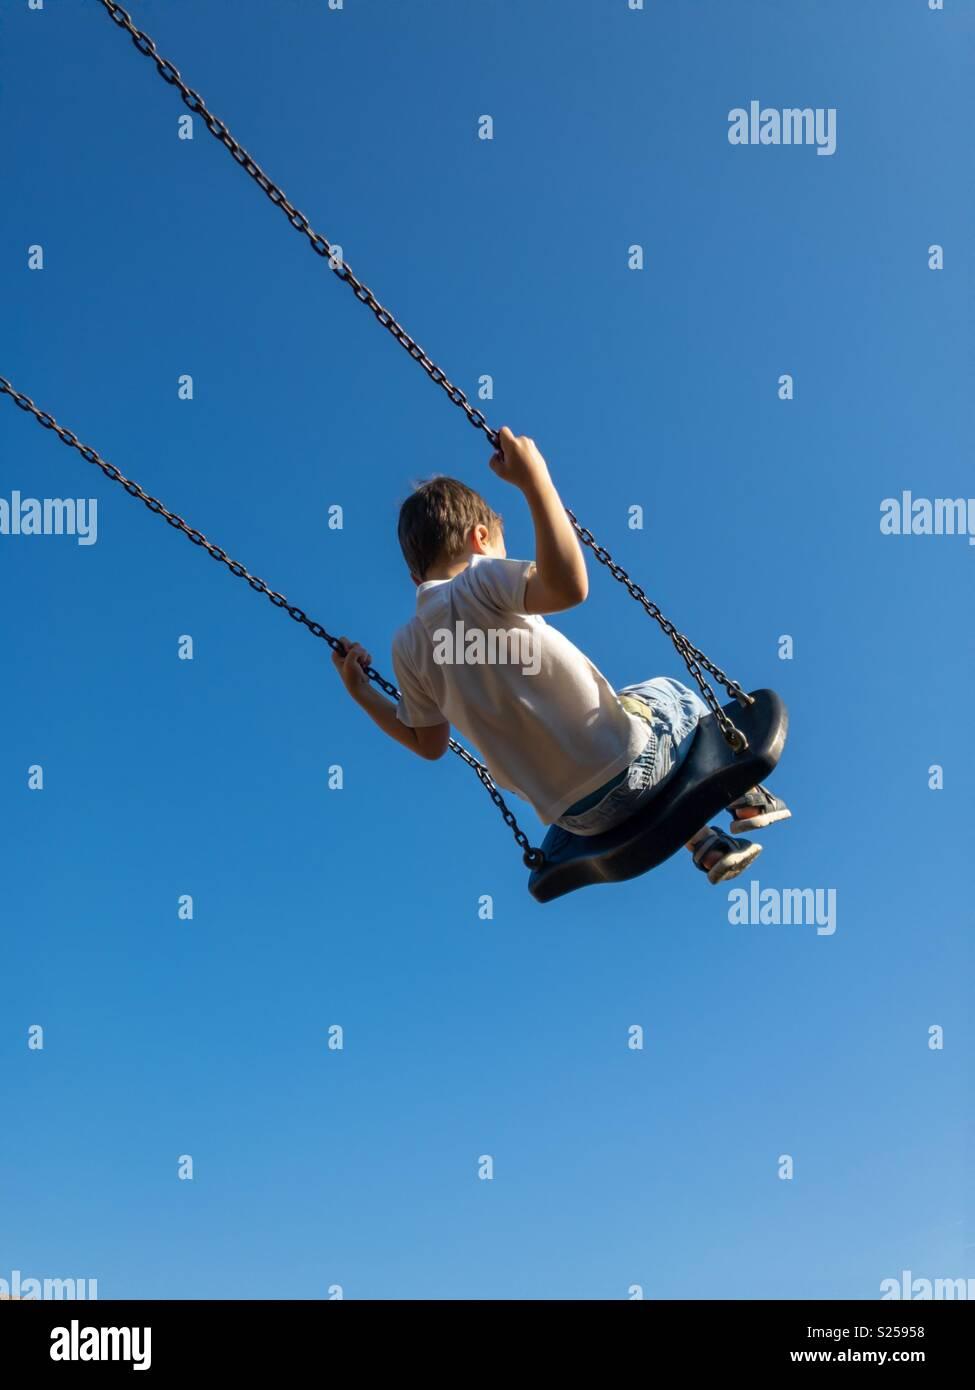 Menino voando alto em um balanço, conceito de memórias de infância Imagens de Stock